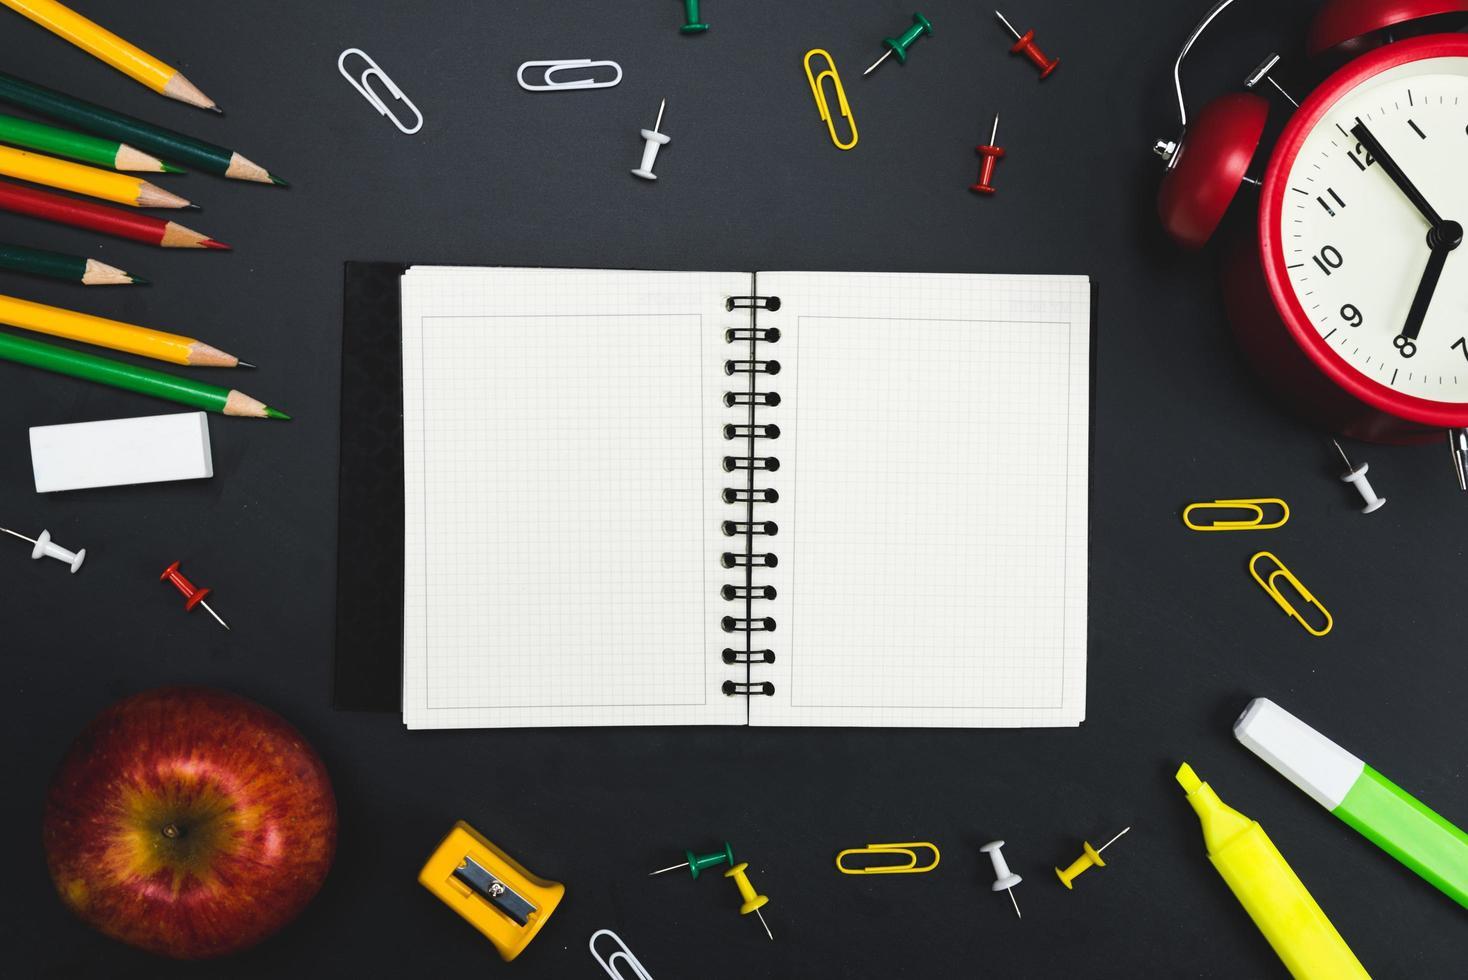 piatto disteso di quaderno circondato da materiale scolastico foto